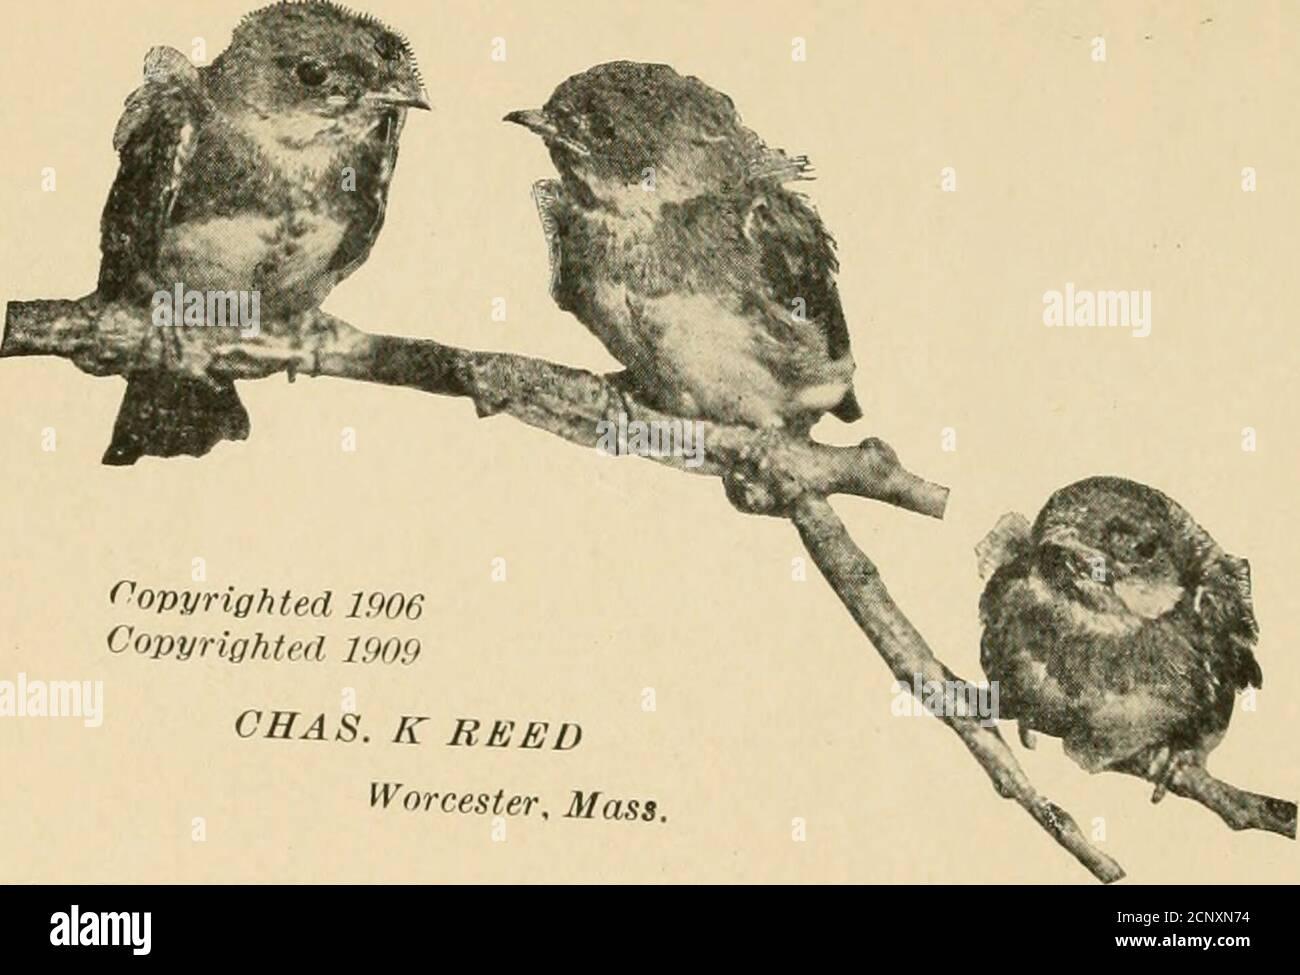 . Guide d'oiseaux . ÉDITION RÉVISÉE mrd Quide Land Birds East of the Rockies PRÉPARANT LE PETIT-DÉJEUNER (deux adultes Bruant la teigne en morceaux pour nourrir les jeunes.) ^ B I R D G U I D E PARTIE 2 OISEAUX TERRESTRES À L'EST DES ROCHEUSES 5>»-^ & GT; DES PERROQUETS À BL LEBIRDS PAR CHESTER A. Reed^ auteur de North American Biris ufs, et, avec Frank M. Chapman, de Color Key to North AmericanBirds. Conservateur en ornithologie, Worcester Museum of Natural History TORONTO . /Mo 4 rv 4AFT^ LA COMPAGNIE DE LIVRES DE MUSSON,! /,JJ 1 G j38f 1: Limité. ^ i/BRARE5. (Droits d'auteur 1906Copyrighted 190!) CAHAS. K REED Worcester, Mass Pla Banque D'Images